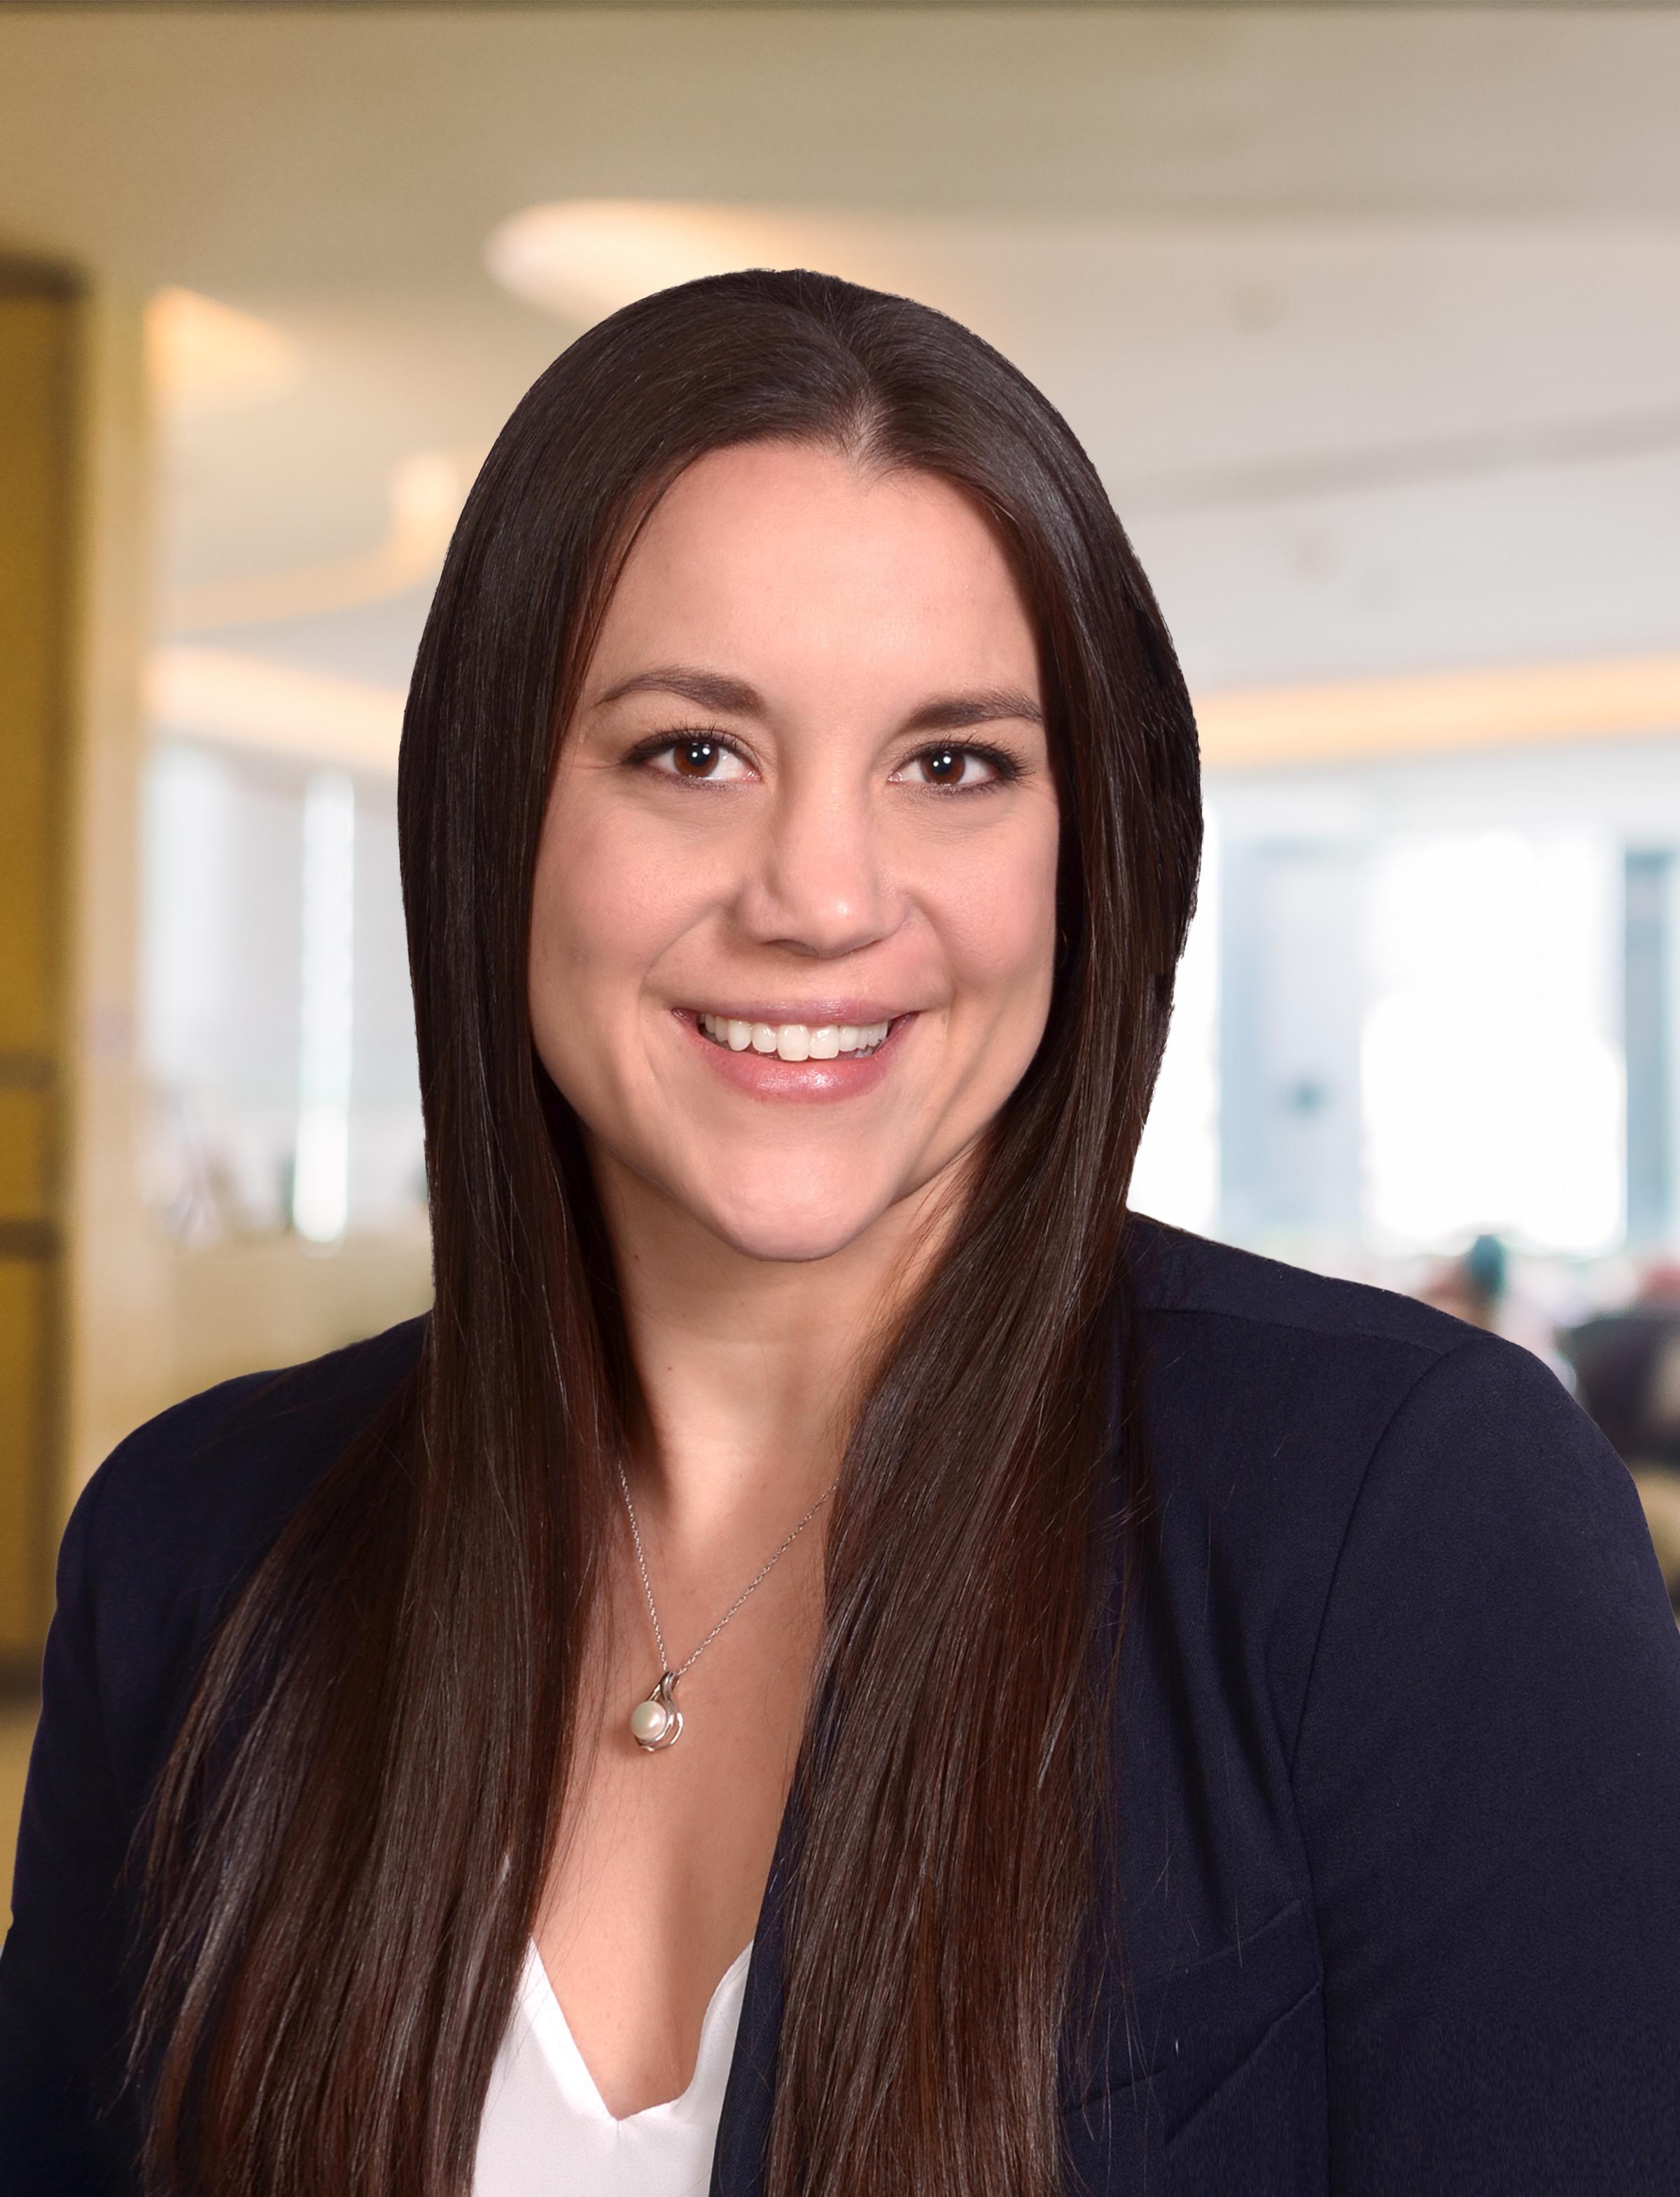 Melissa Sizemore